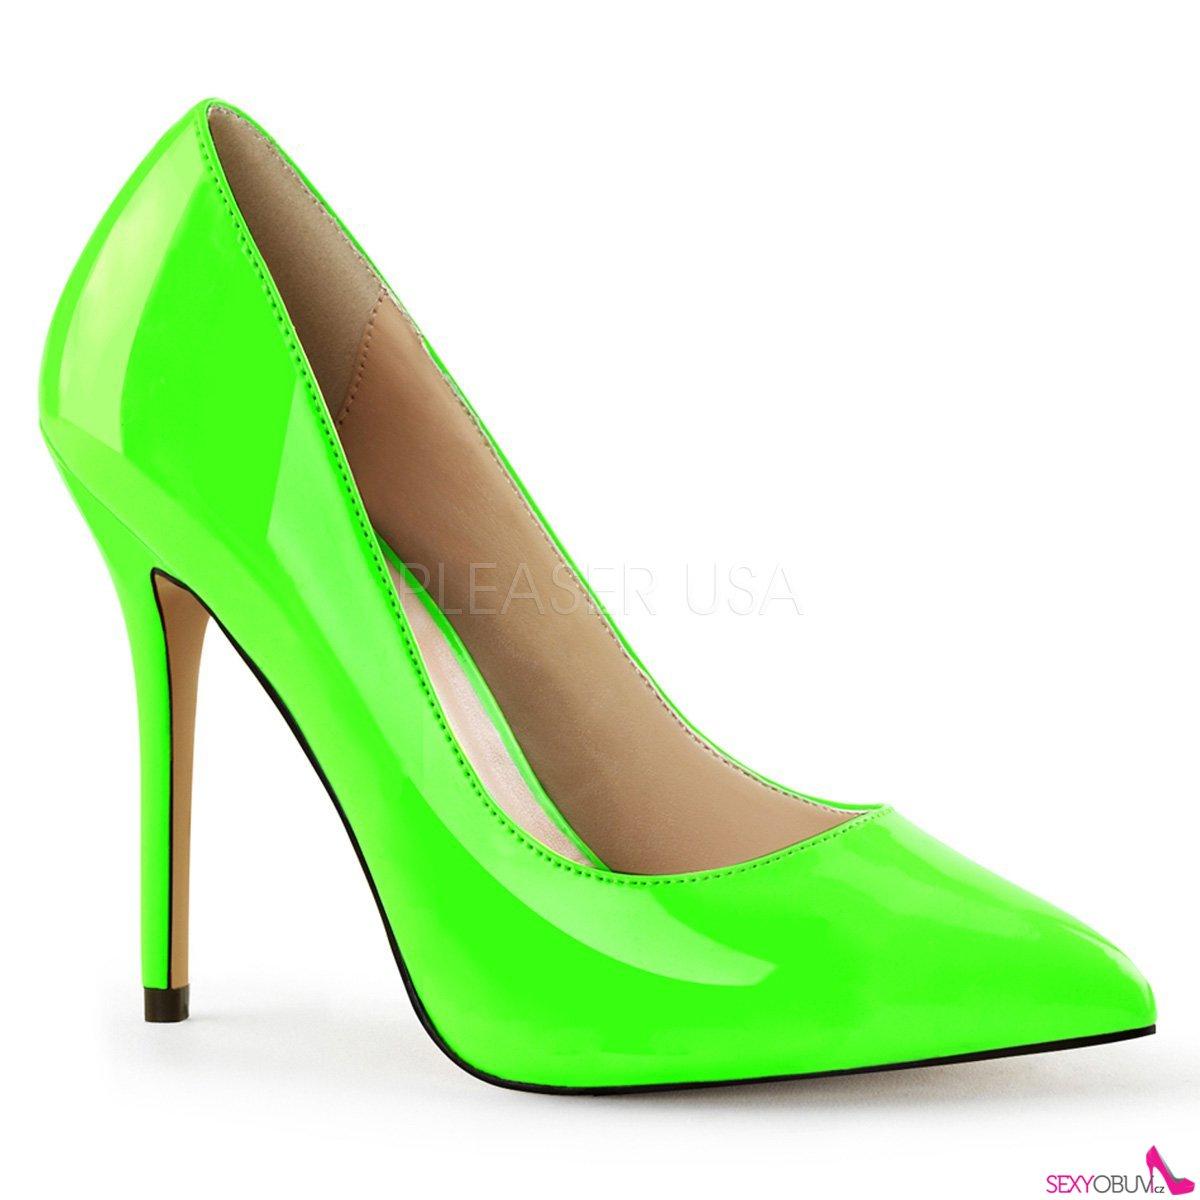 AMUSE-20 Klasické světle zelené dámské lodičky na vysokém podpatku ... 3f23d4801b